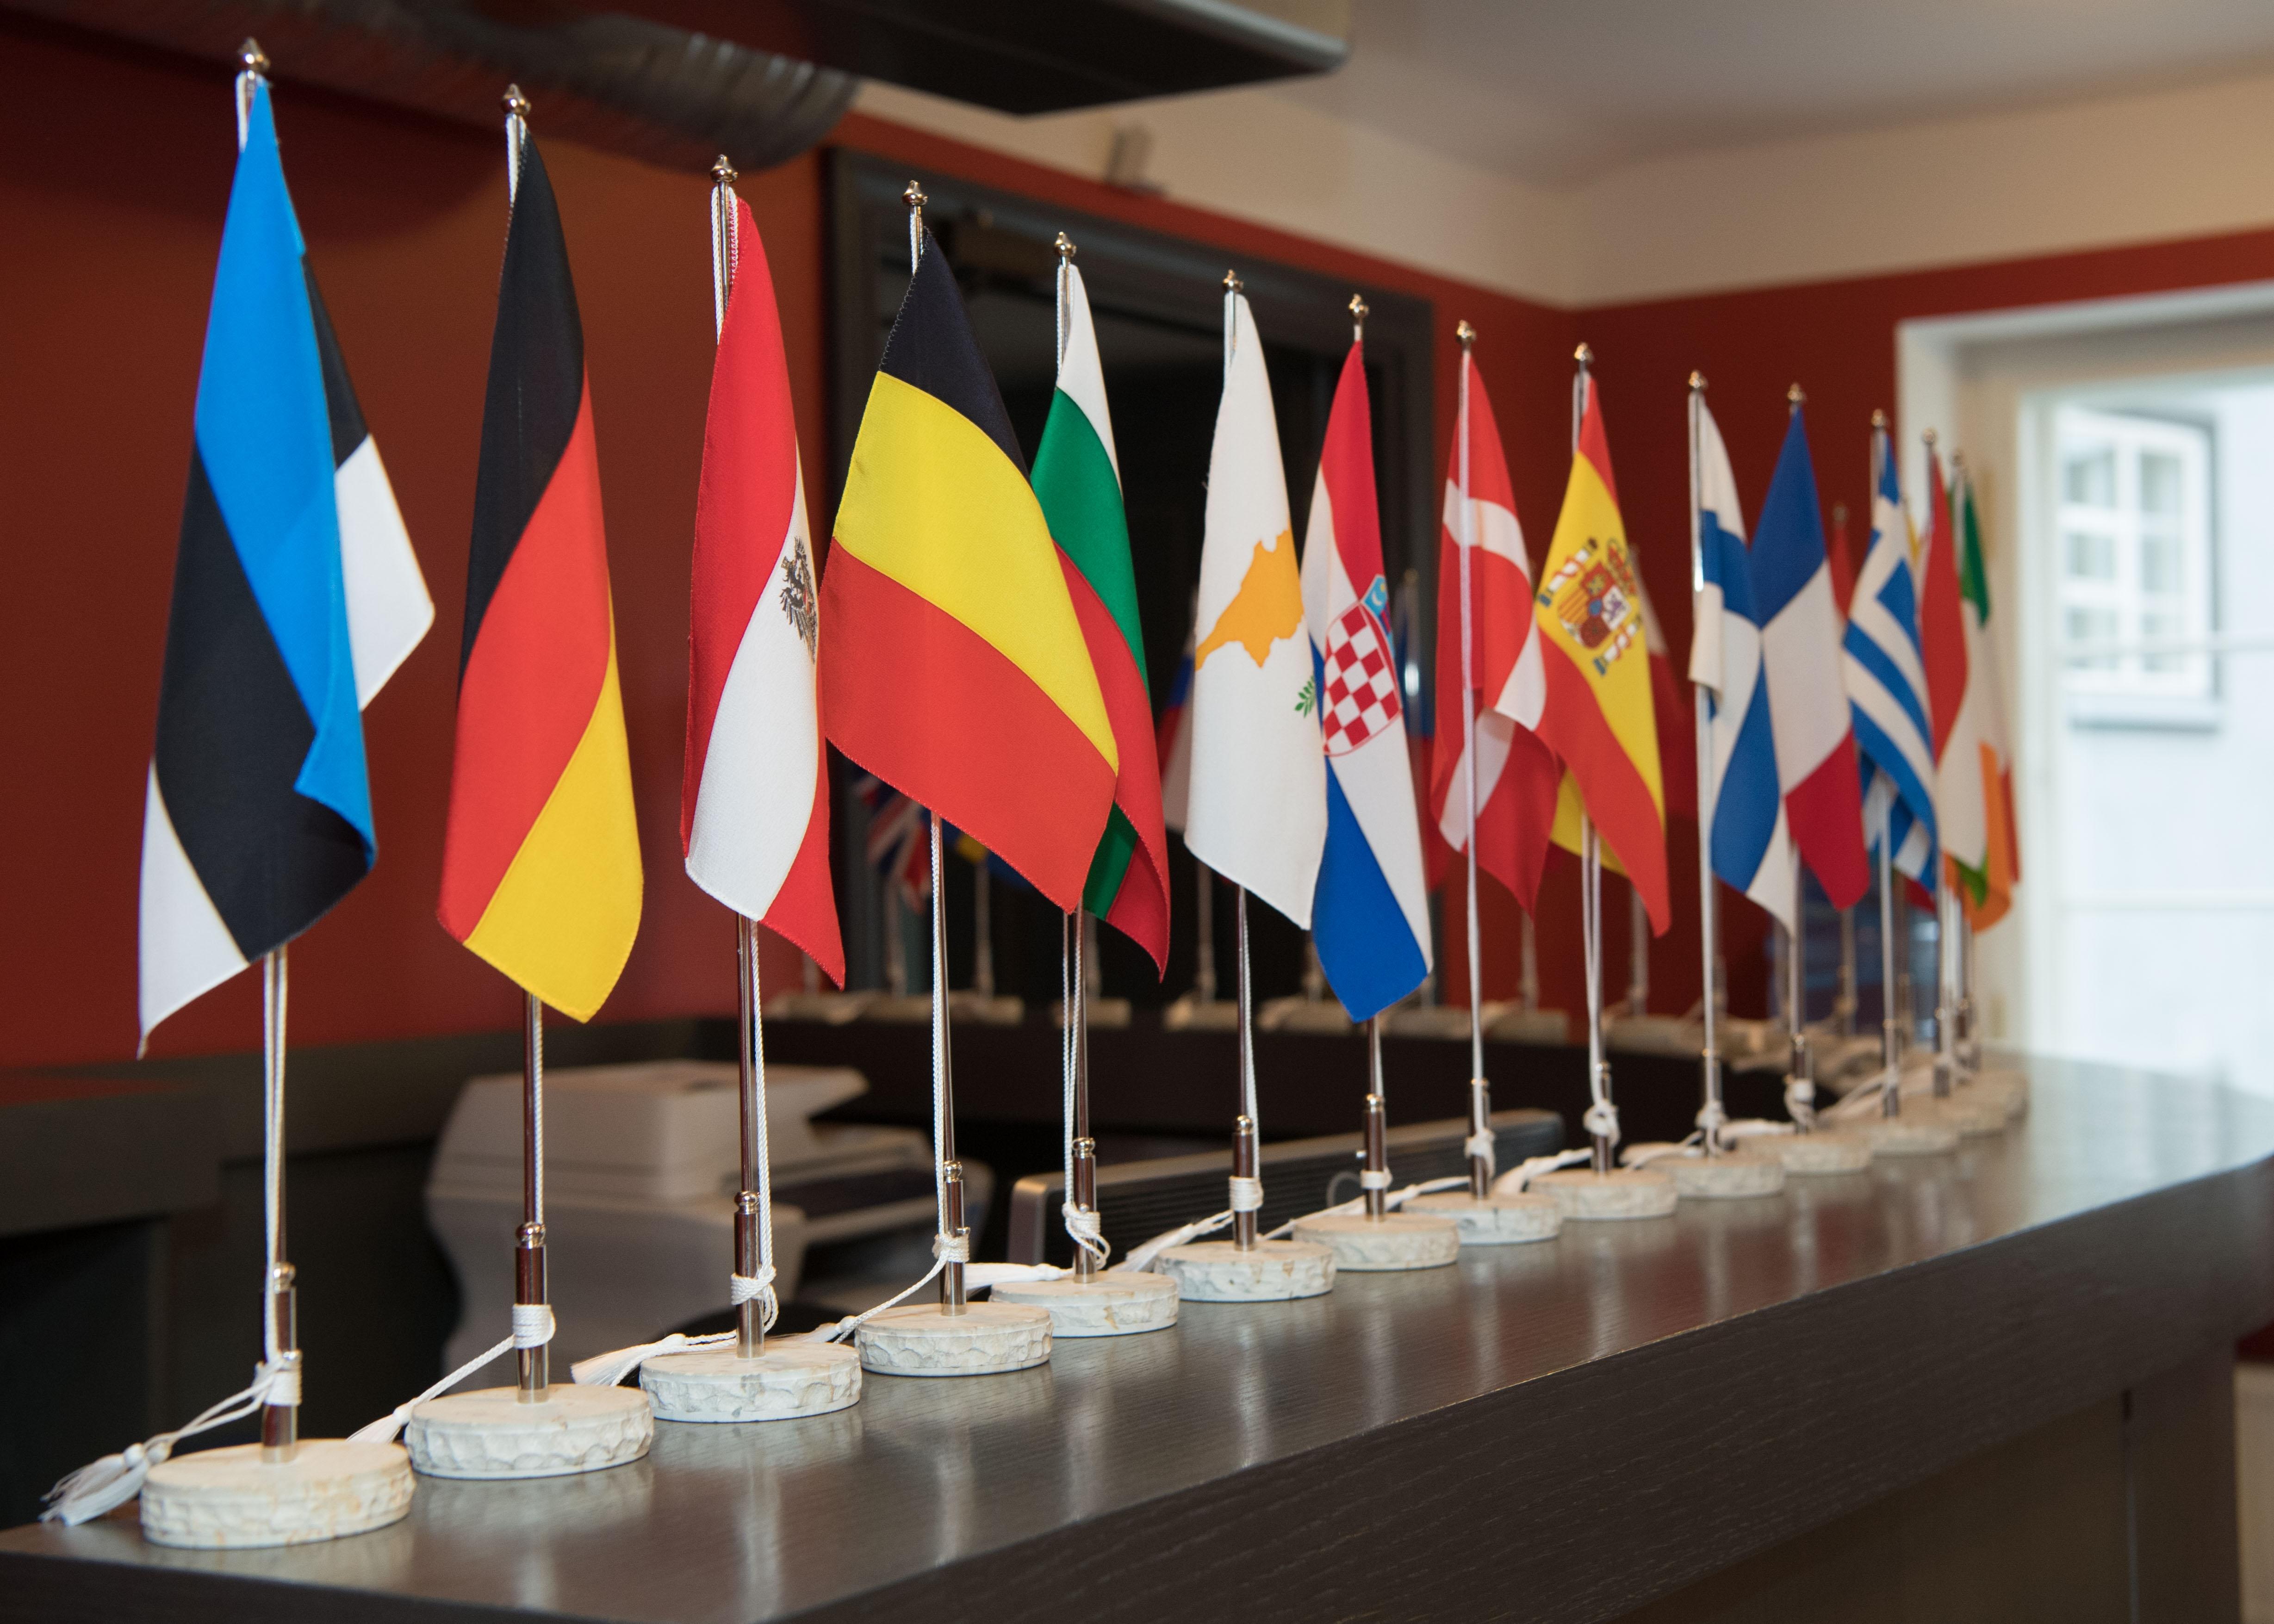 Väliskomisjoni ja riigikaitsekomisjoni liikmed kohtuvad Euroopa kolleegidega Soomes